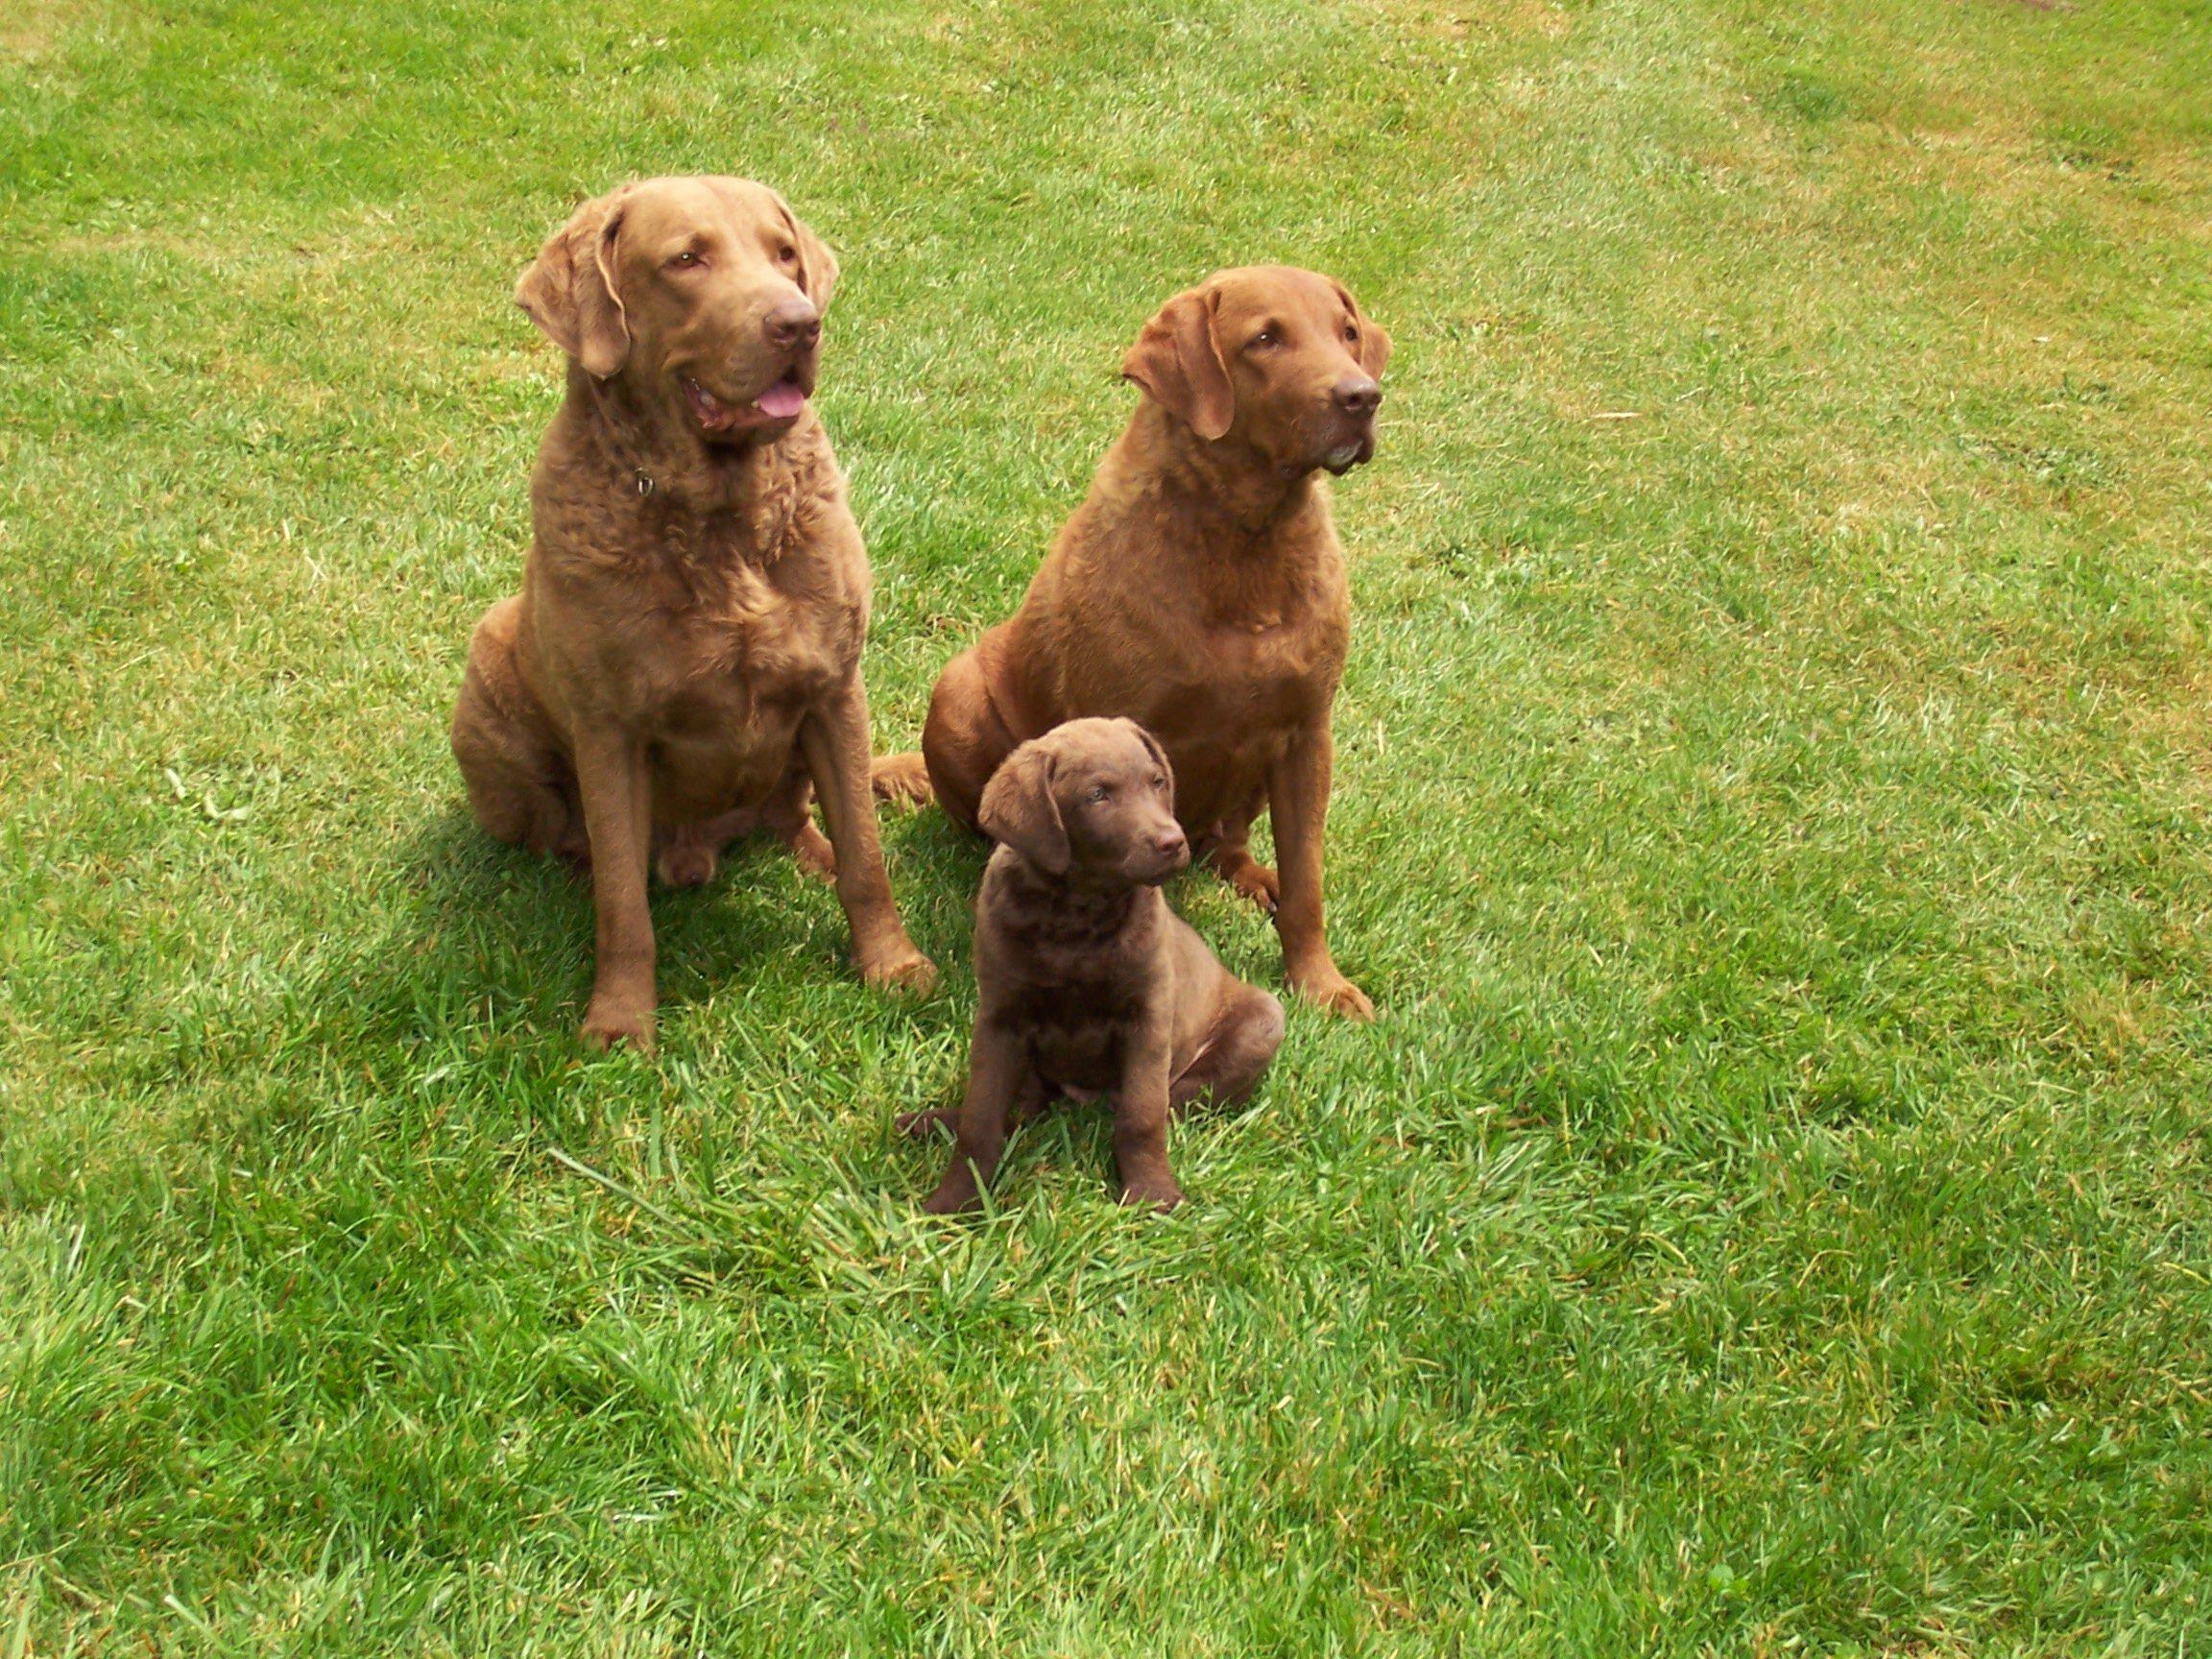 Chesapeake Bay Retriever Dog: Chesapeake Three Lovely Chesapeake Bay Retriever Dogs Breed